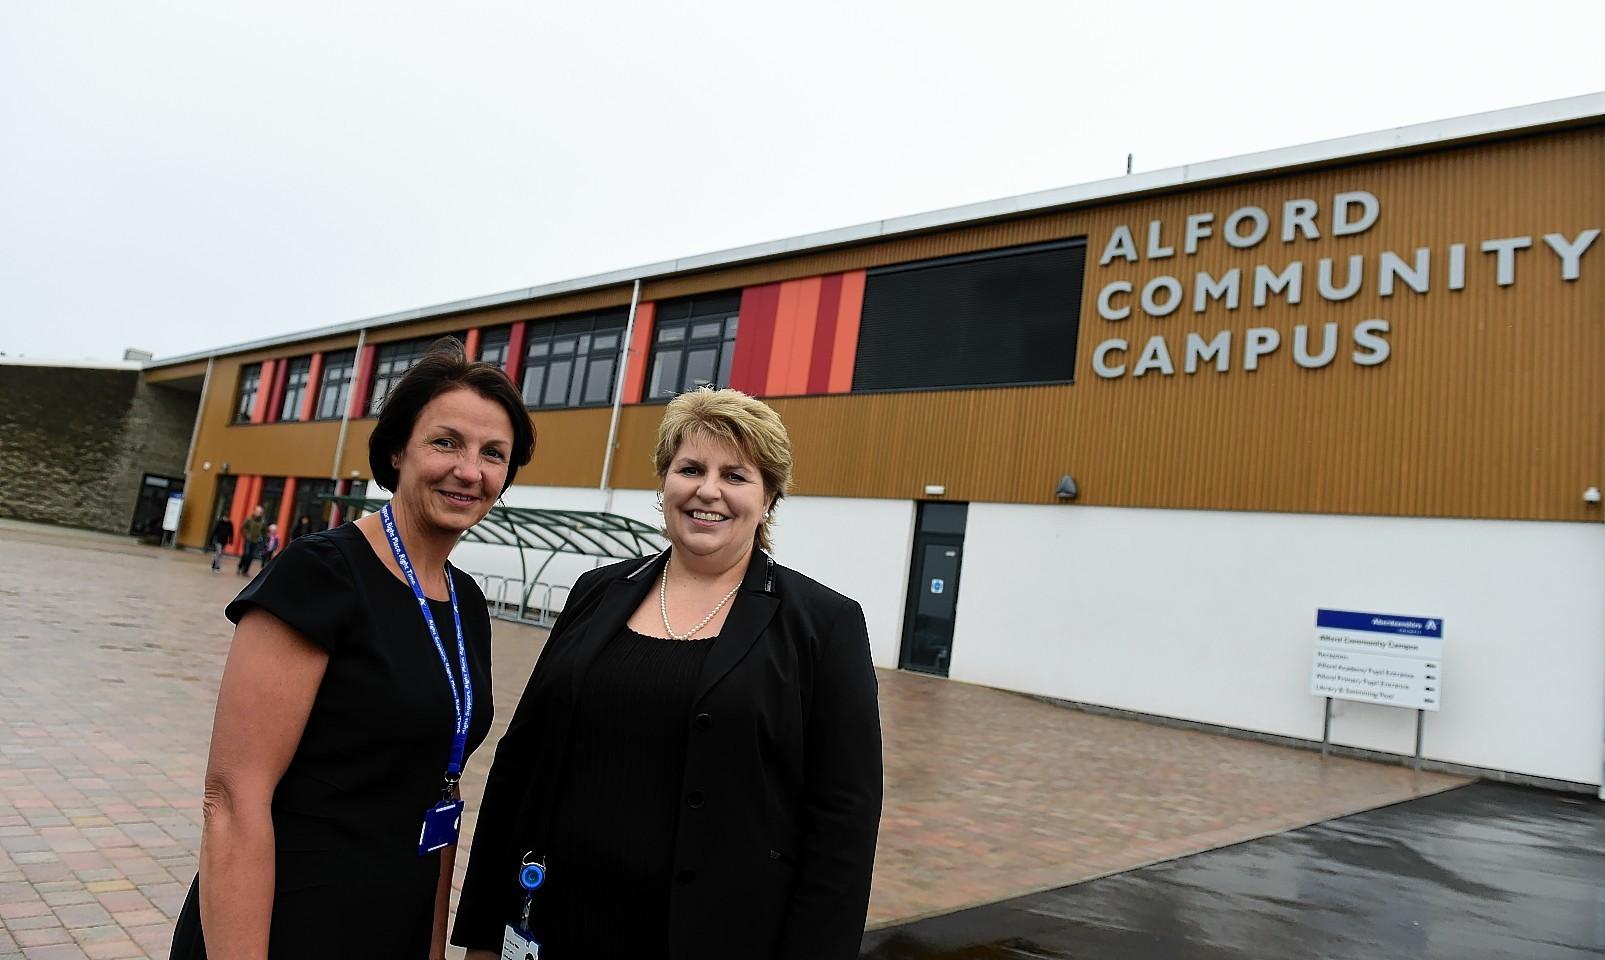 Alford Community Campus